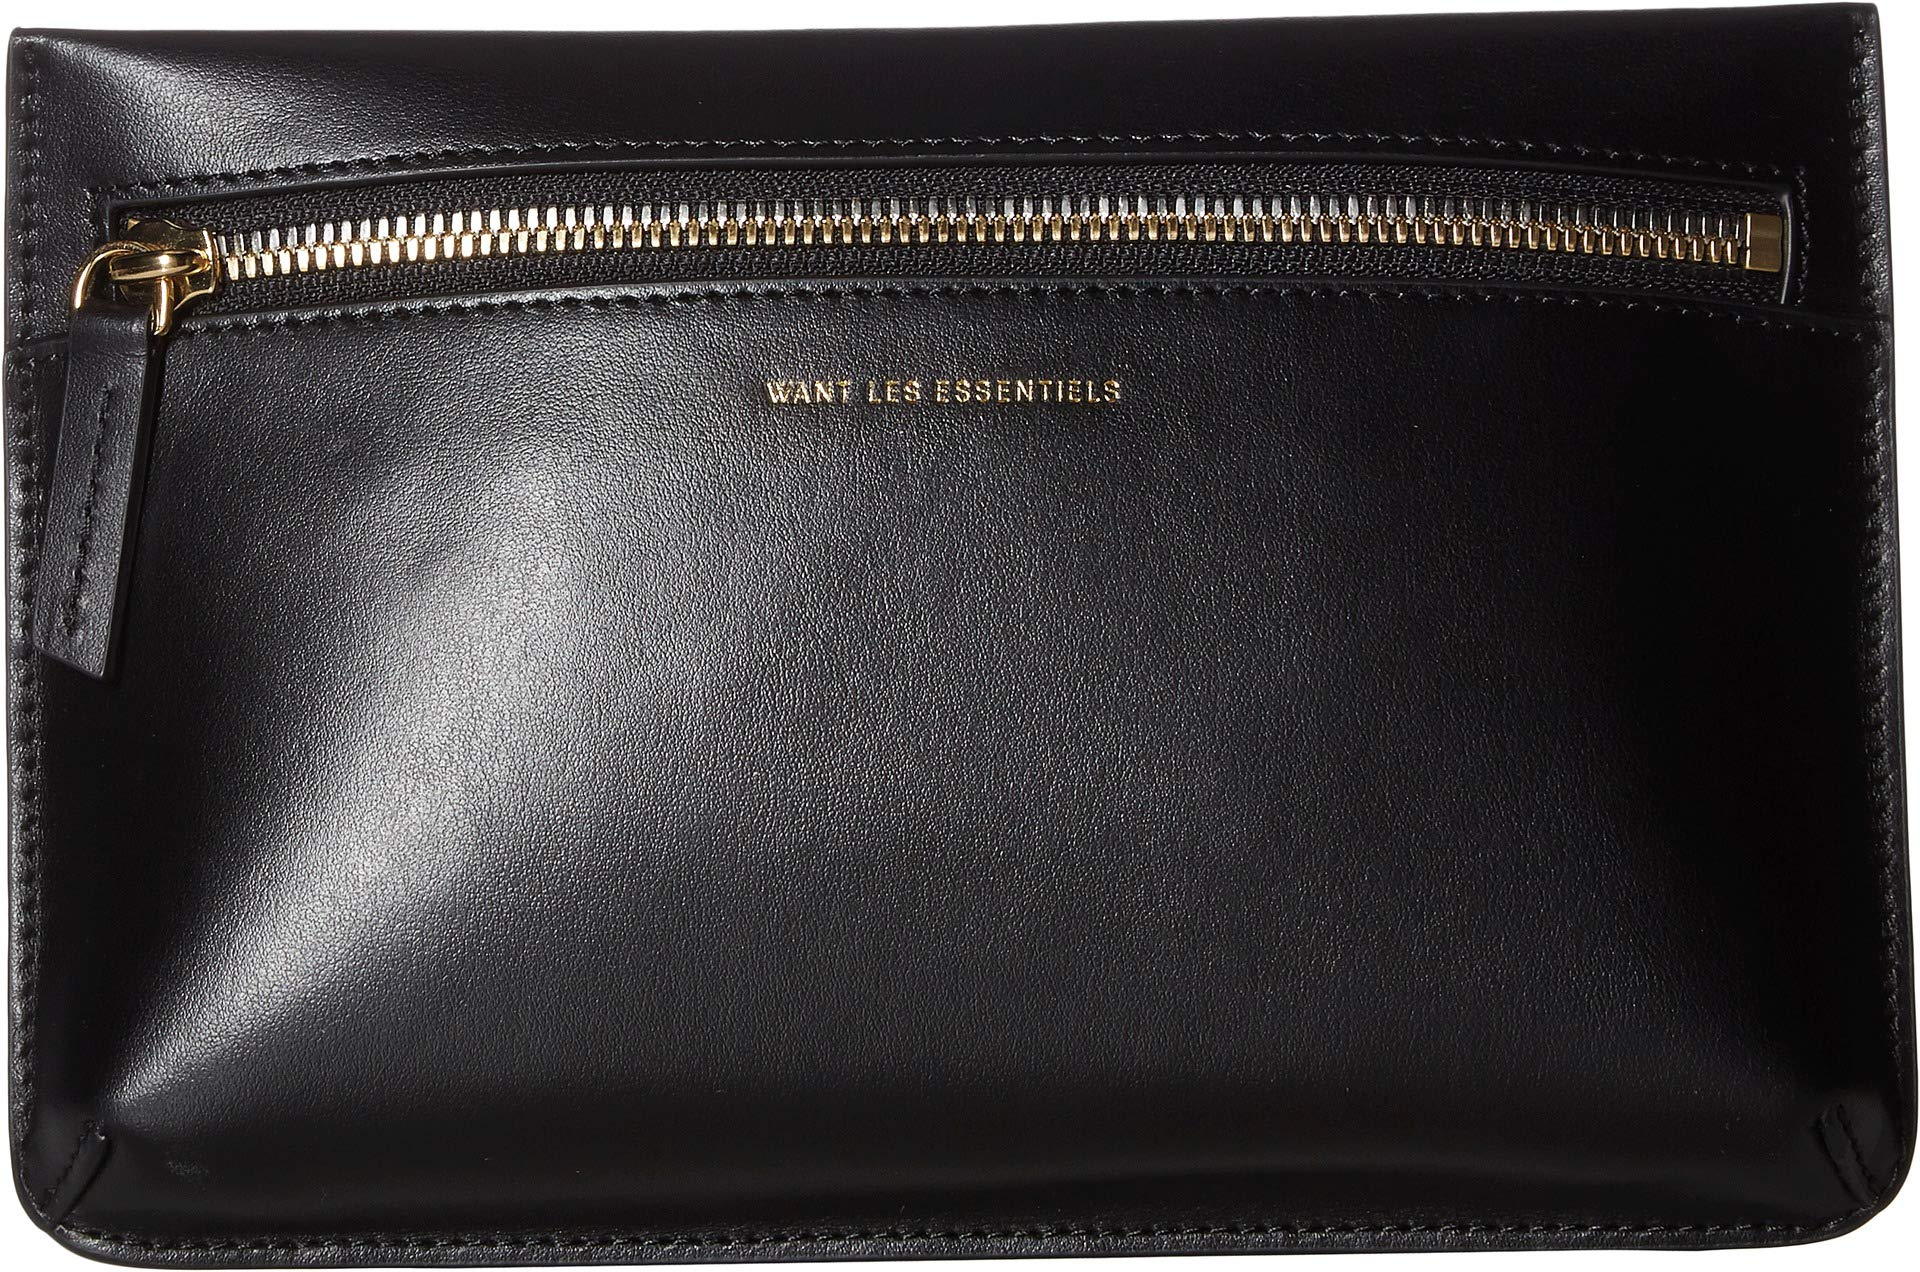 WANT Les Essentiels Women's Castillo Convertible Belt Bag, Jet Black, One Size